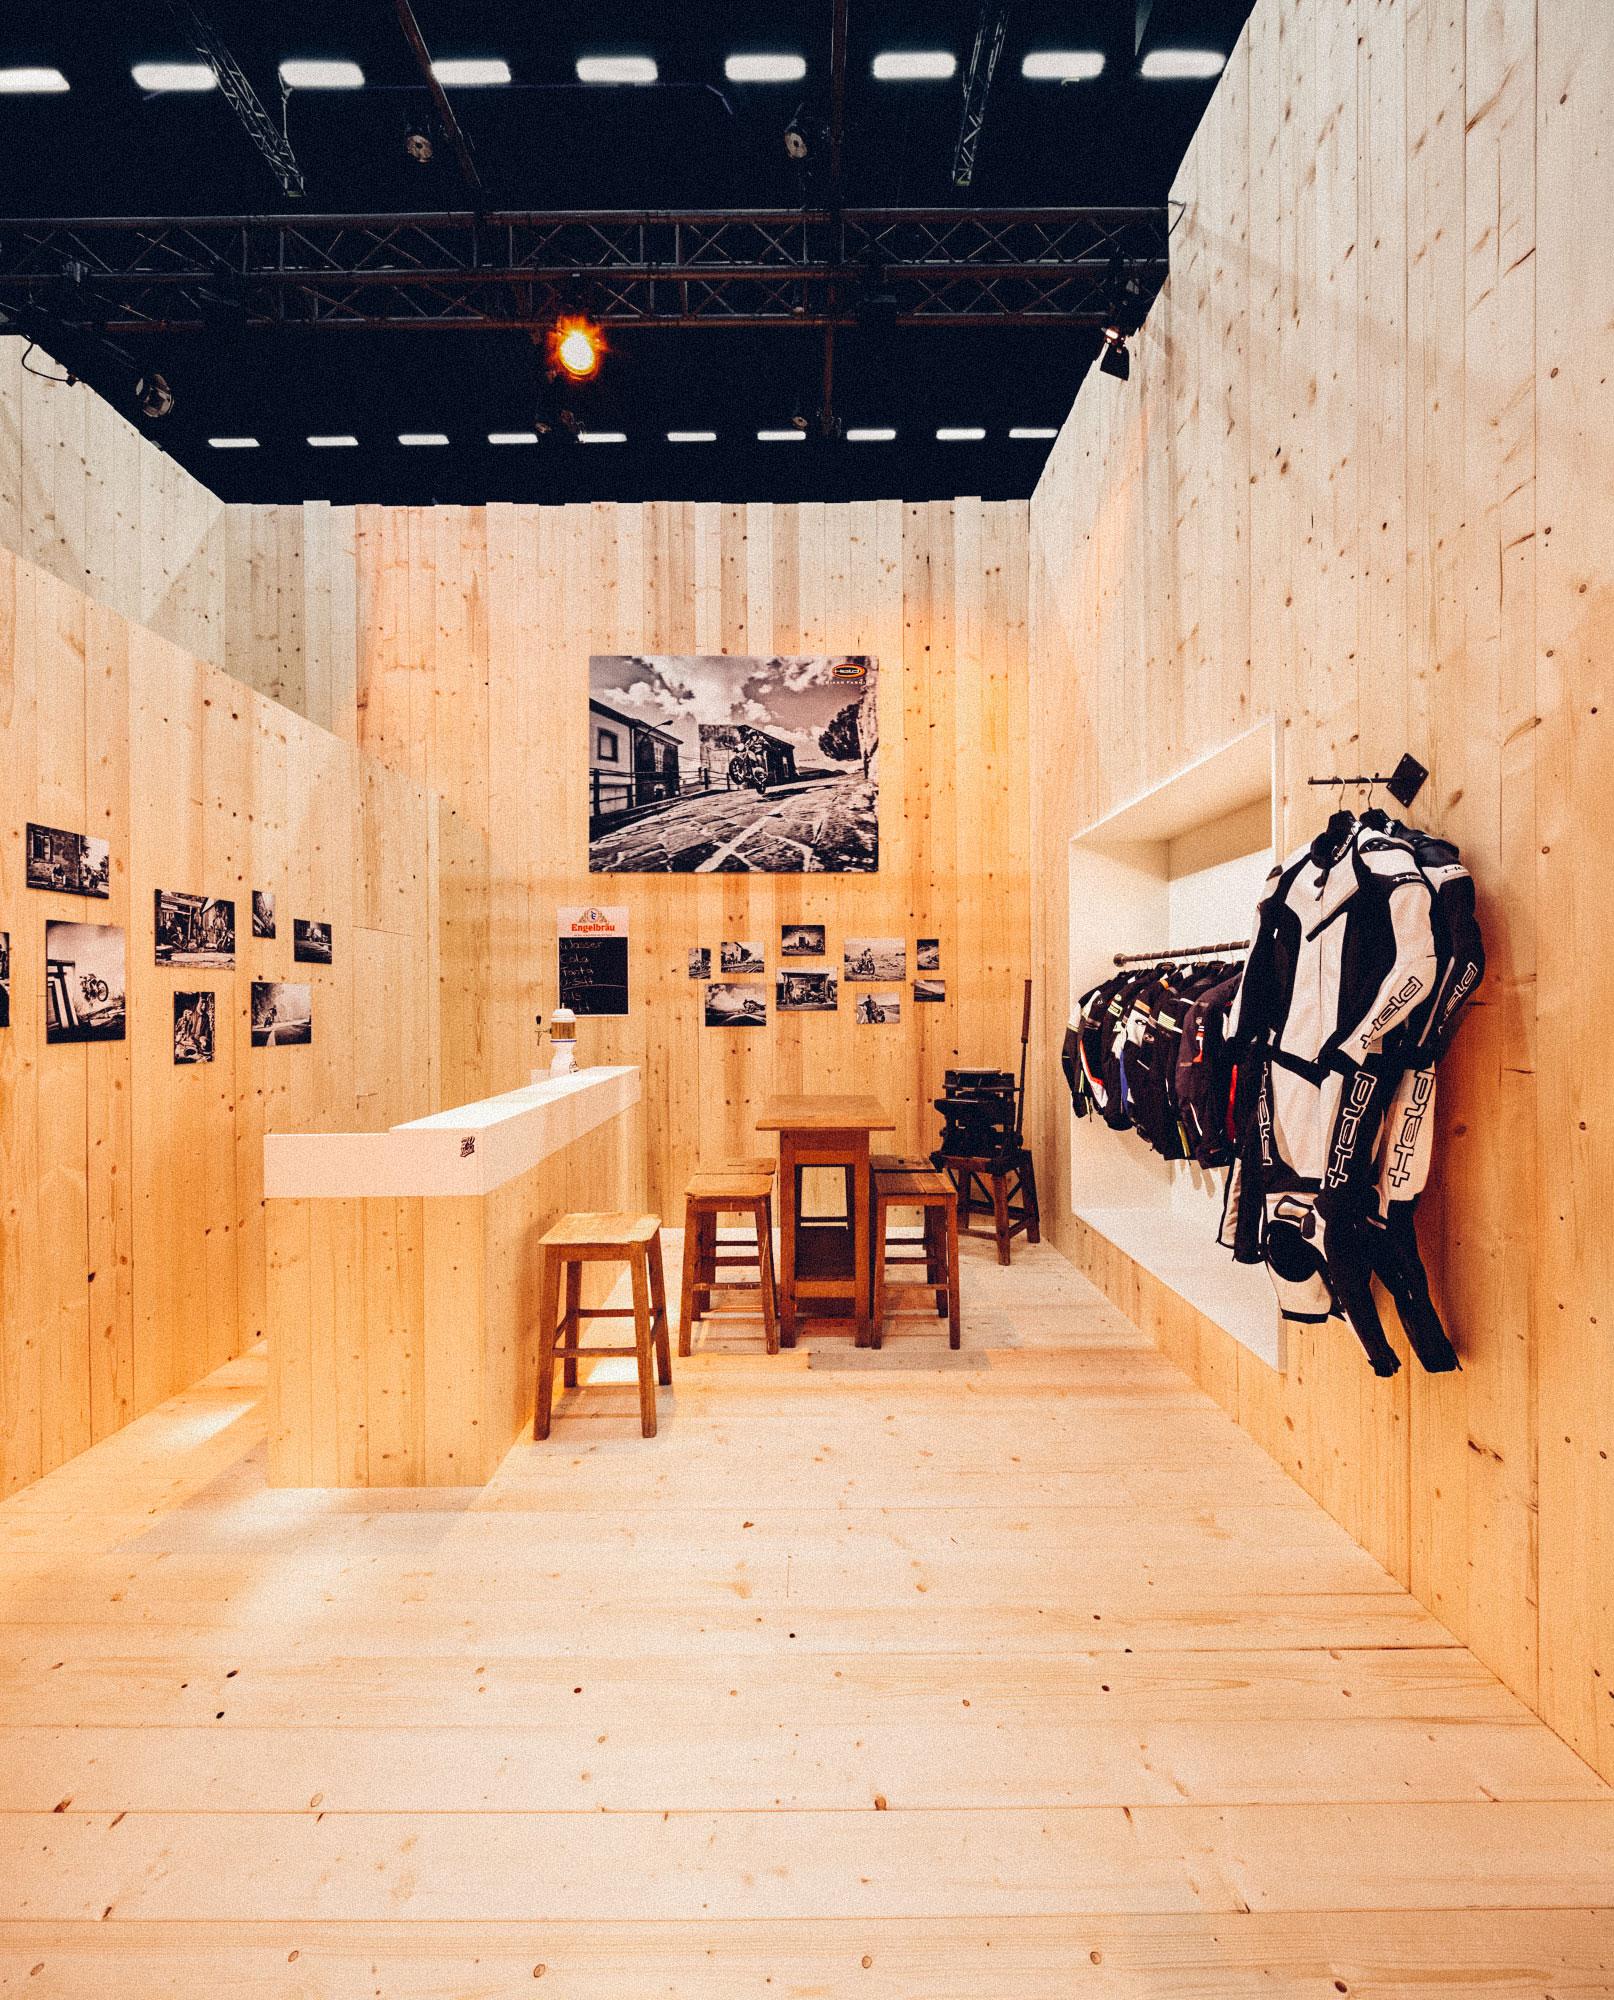 Ein Foto des Besprechungsraumes des 70-Jahre-Held-Messestandes. Alles ist im Stil einer Berghütte gehalten, links sieht man die Bar und rechts Garderoben mit aktueller HELD-Lederkombi. Konzept und Design sind von MAJORMAJOR.